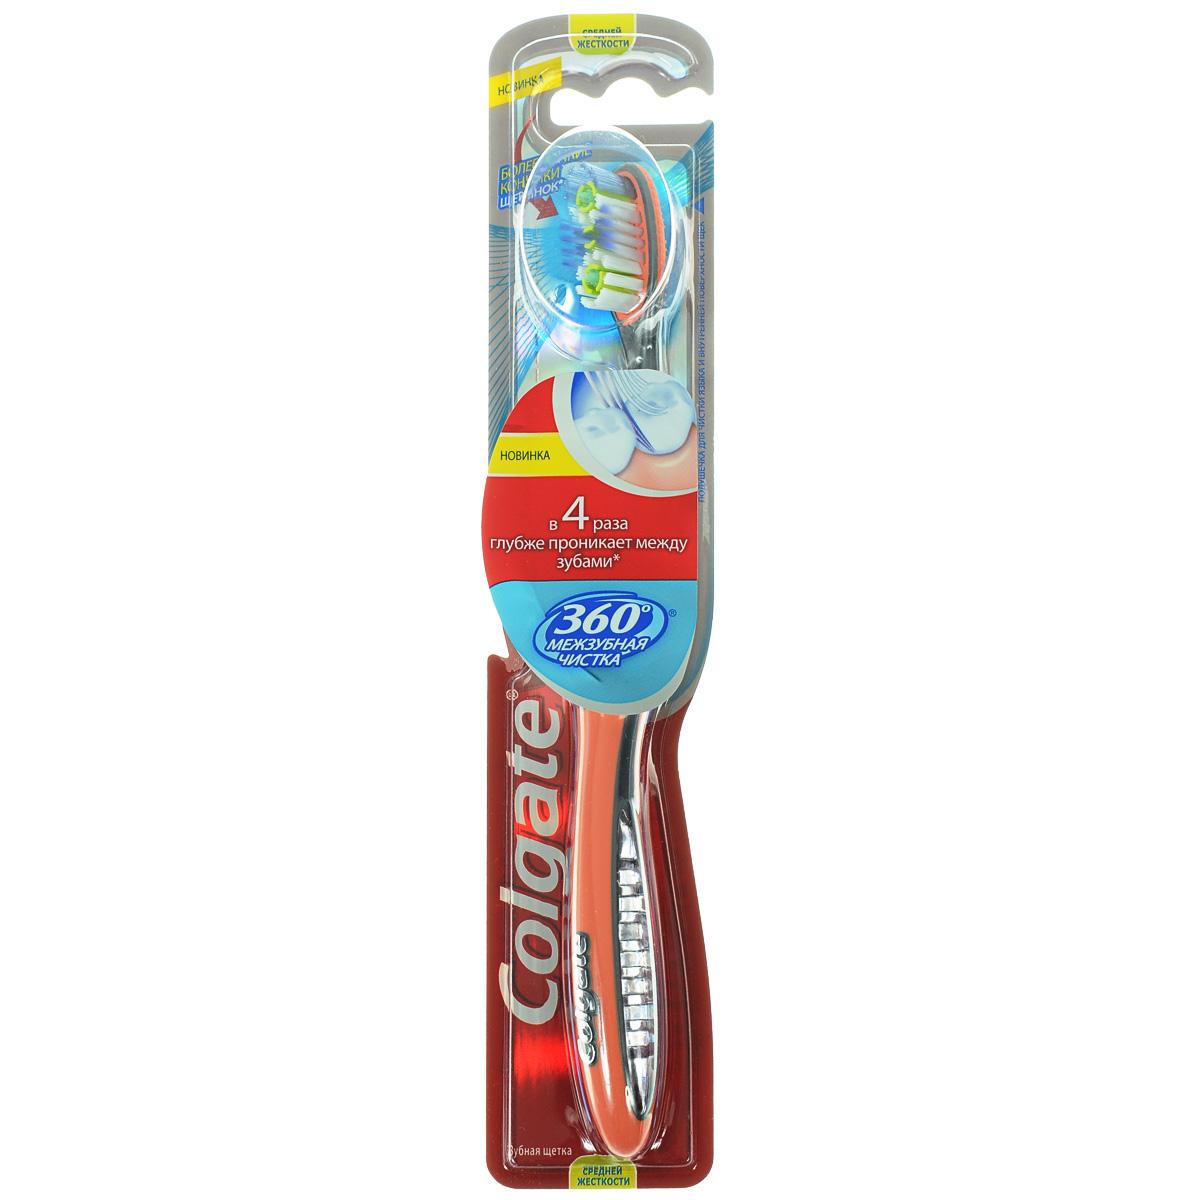 Colgate Зубная щетка 360. Межзубная чистка, средней жесткостиCN00543AColgate 360. Межзубная чистка - зубная щетка средней жесткости. Полирующие чашечки, мультифункциональное строение щетины и подушечка для чистки щек и языка, которая удаляет более 96% бактерий, обеспечивают суперчистоту всей полости рта. Эргономичная рифленая ручка не скользит в ладони, амортизирует давление руки на нежную поверхность десен. Товар сертифицирован. Длина щетки: 19 см. Размер рабочей поверхности: 3 см х 1,5 см. Материал: пластик.